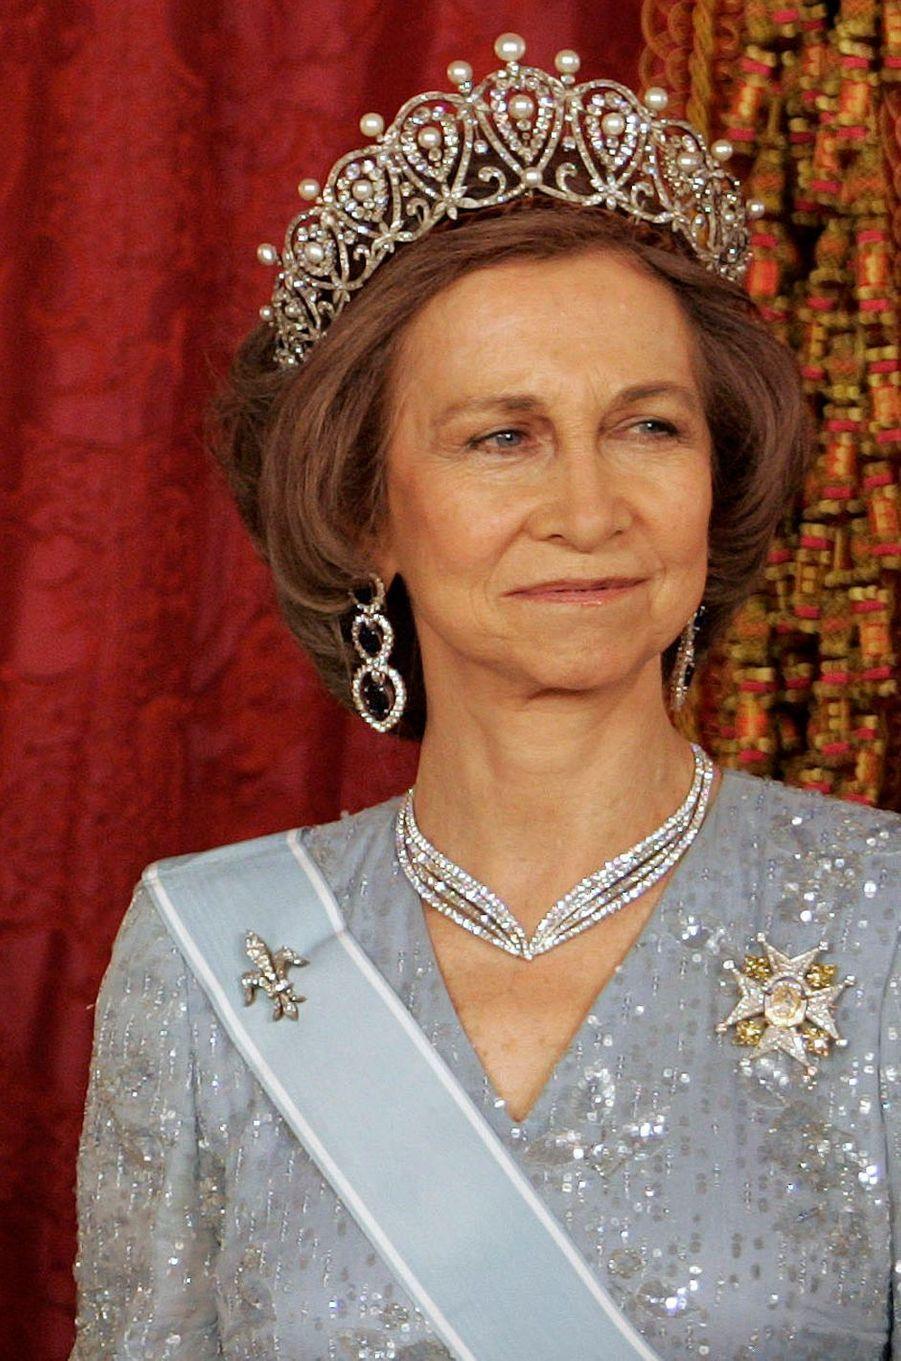 La reine Sofia d'Espagne portant le diadème russe à Madrid, le 18 juin 2007